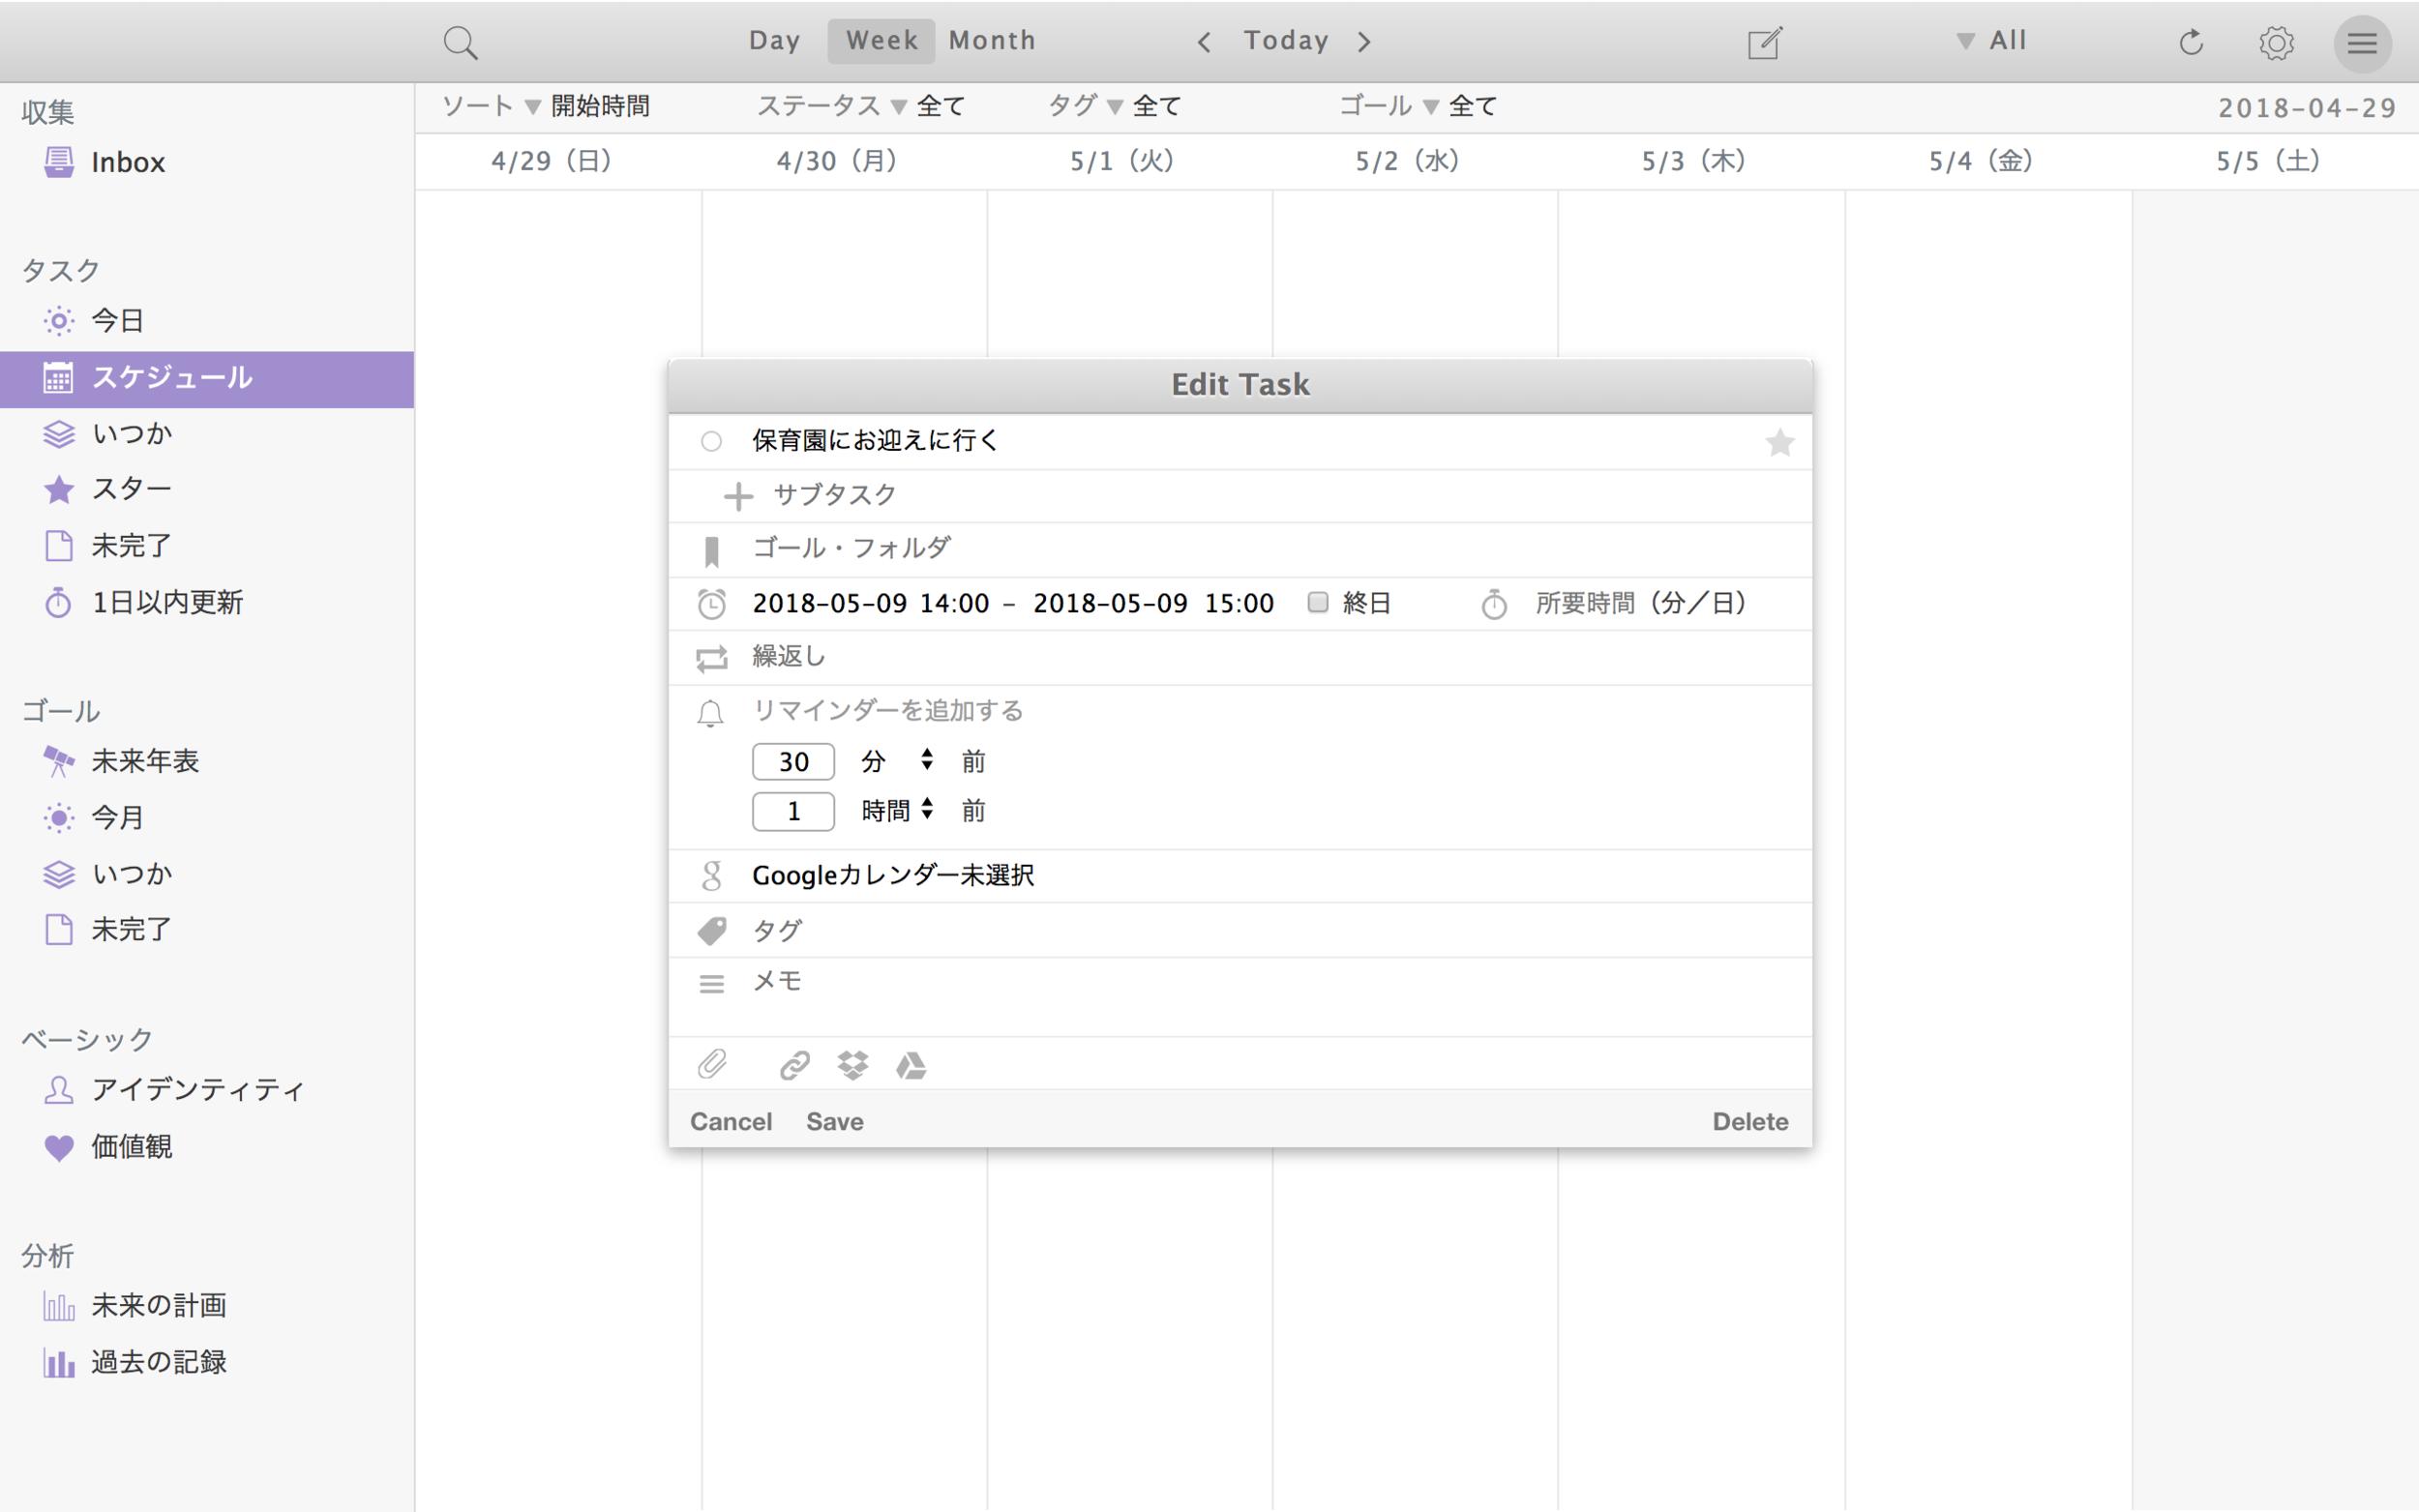 タスクへのリマインダー設定イメージ(デスクトップ版)